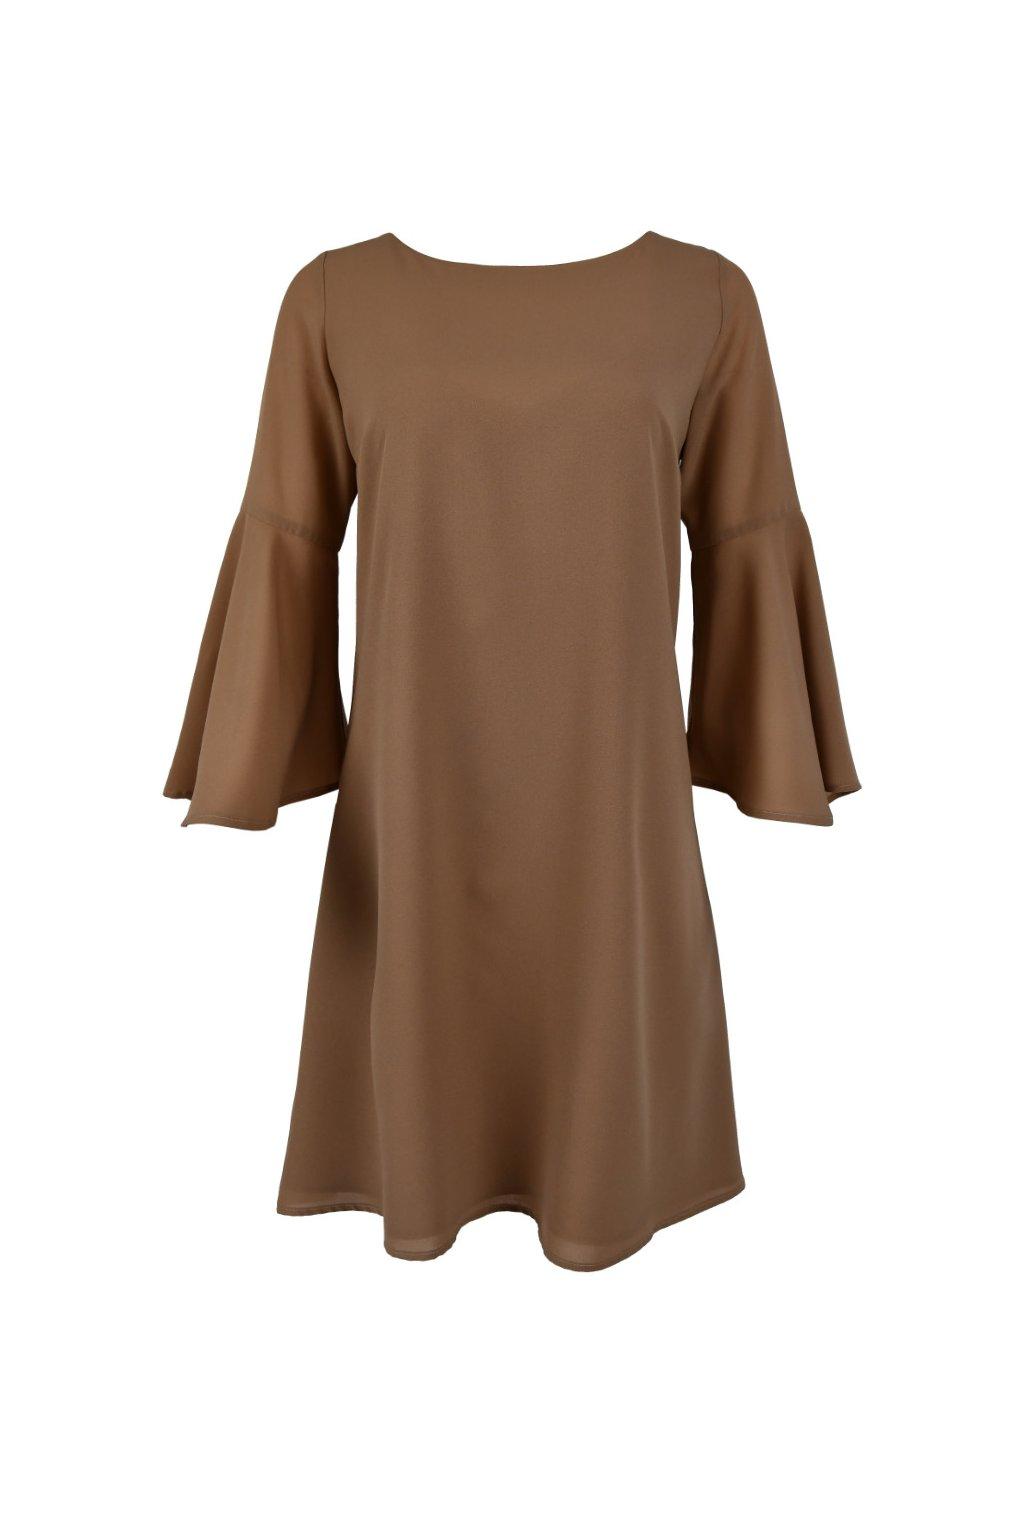 Šaty s mašlou - Z-CREPE MS